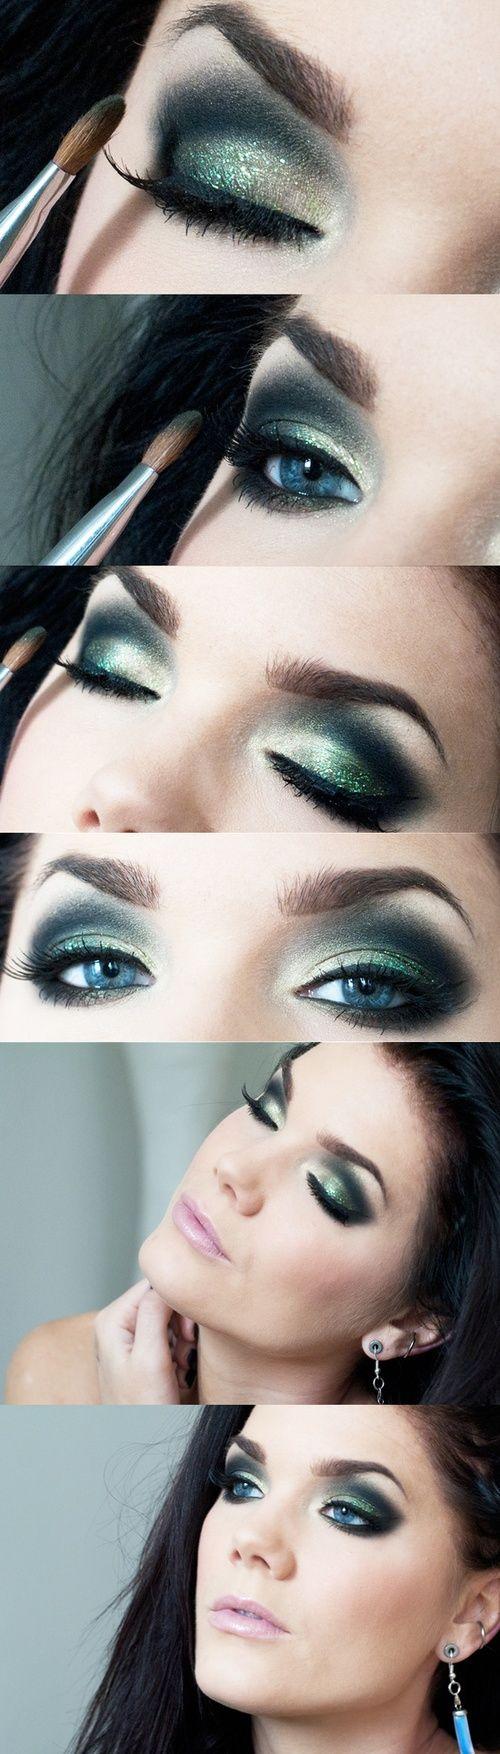 Smokey Eyes mit dem gewissen Etwas – hellgrüner Glitzer-Lidschatten bringt Frische in dein festliches Make-up und lässt es samtweich wirken